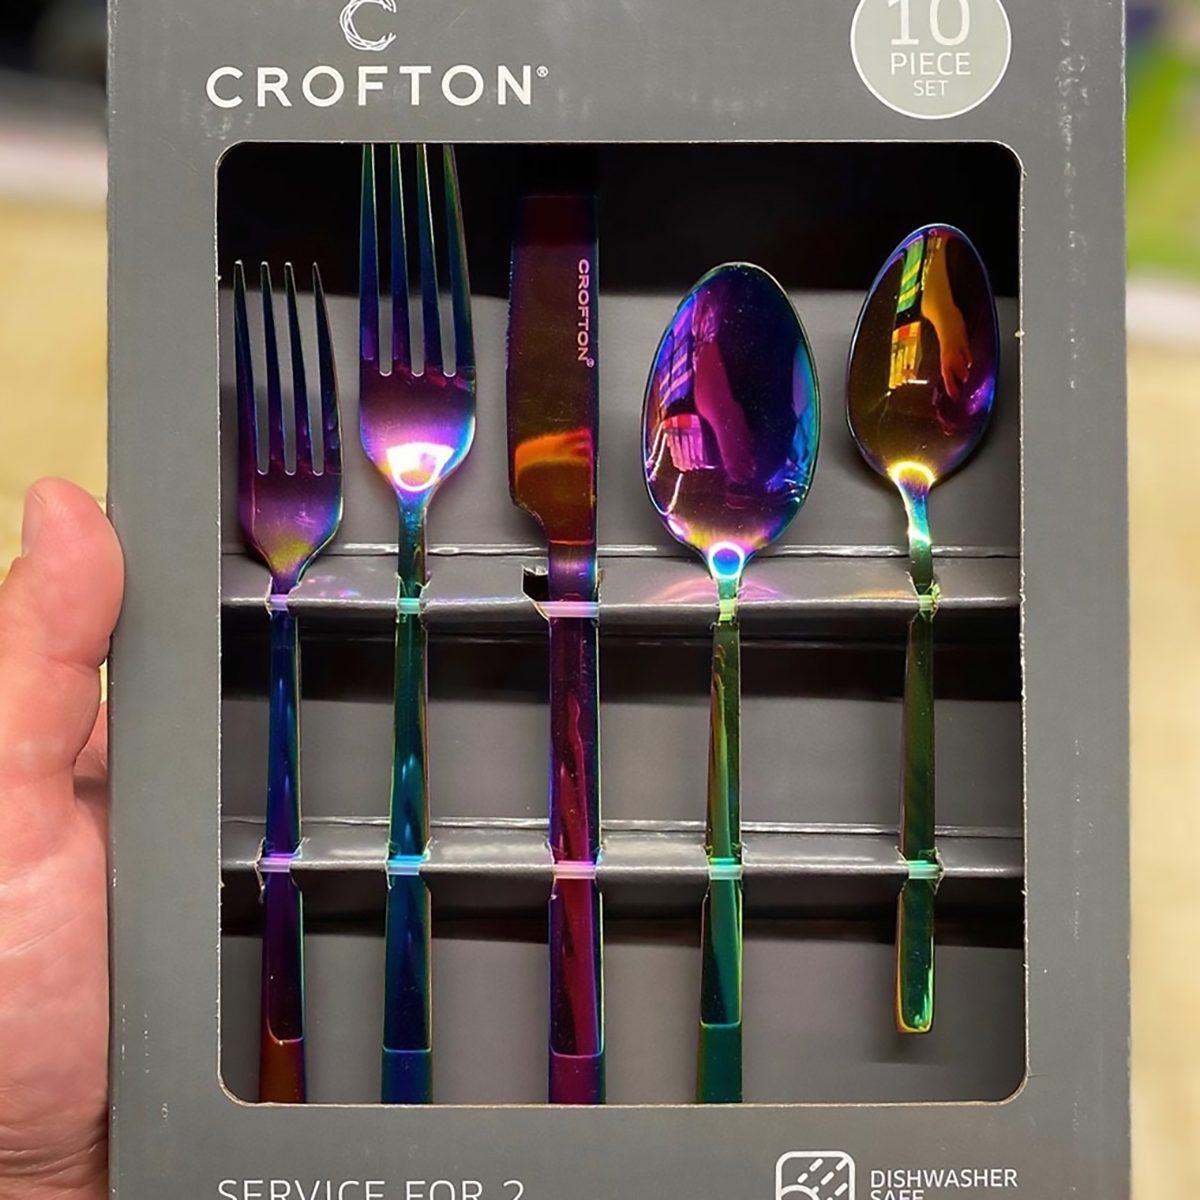 Crofton iridescent silverware from Aldi